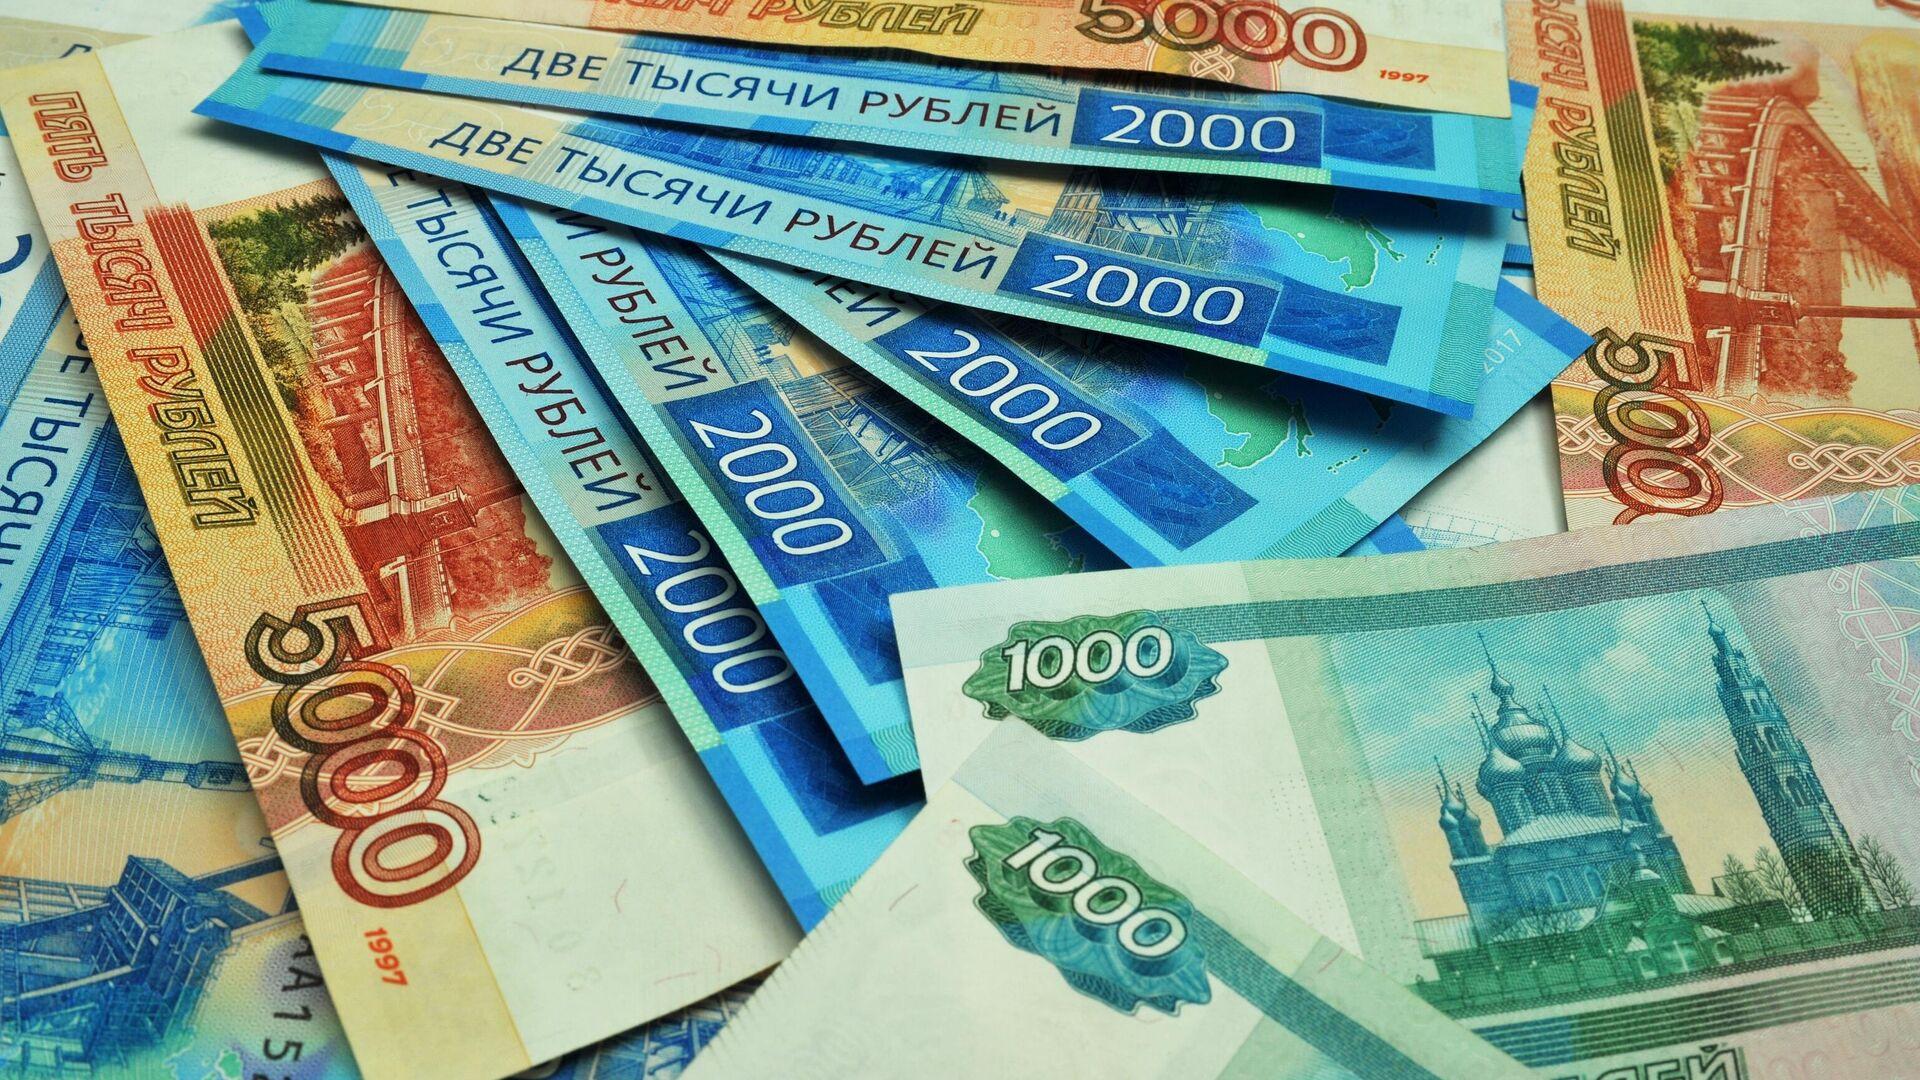 Банкноты номиналом 1000, 2000 и 5000 рублей - РИА Новости, 1920, 11.06.2021